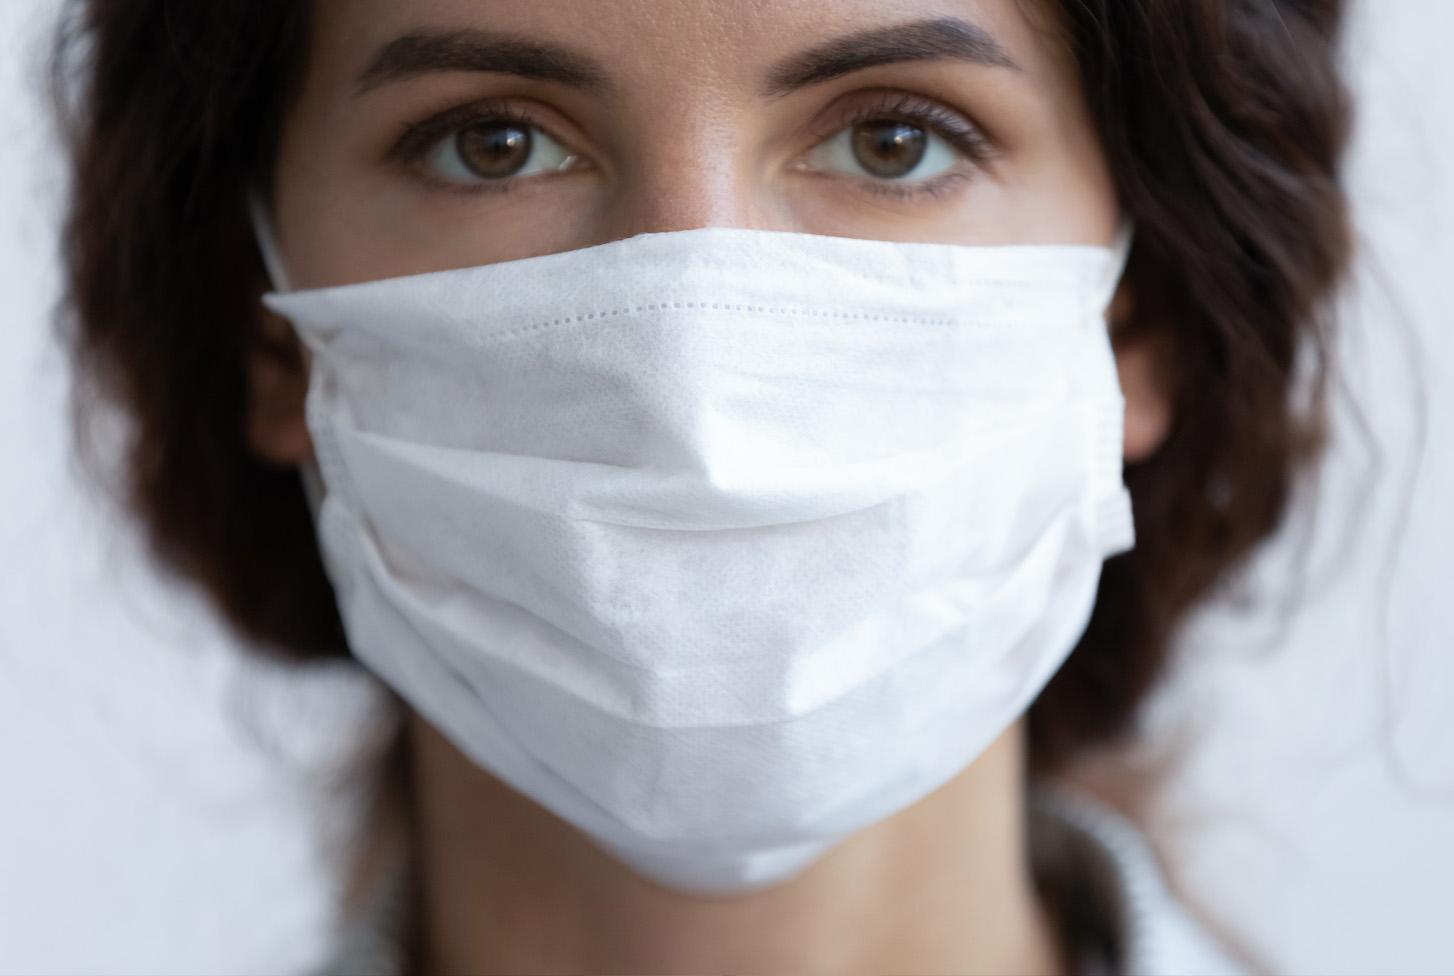 Doble máscara para prevenir COVID-19, ¿sí o no?4 min read